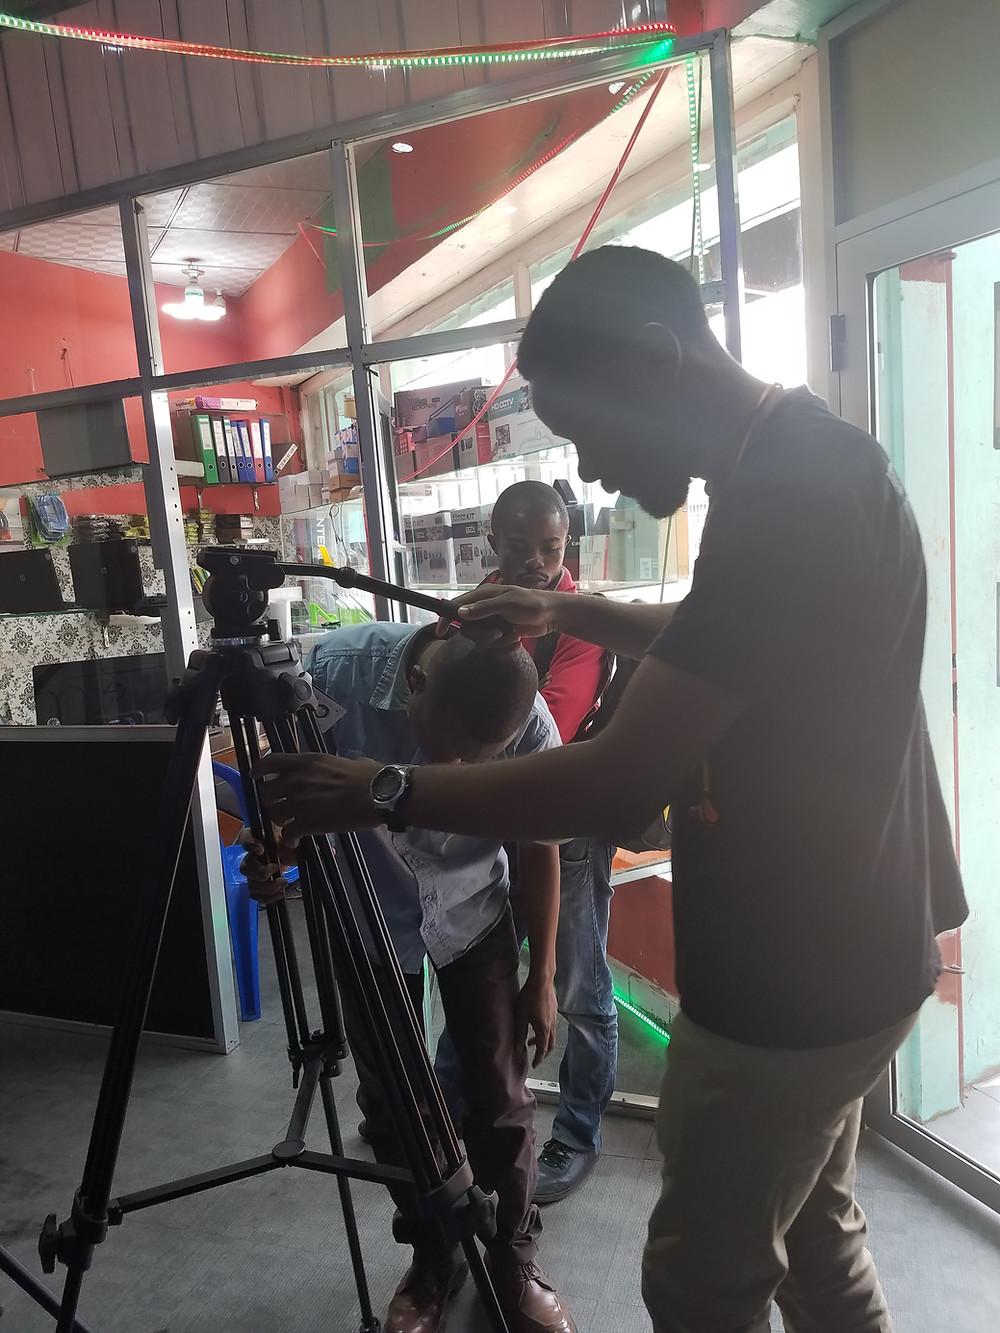 Tshoper Kabambi examines a tripod.